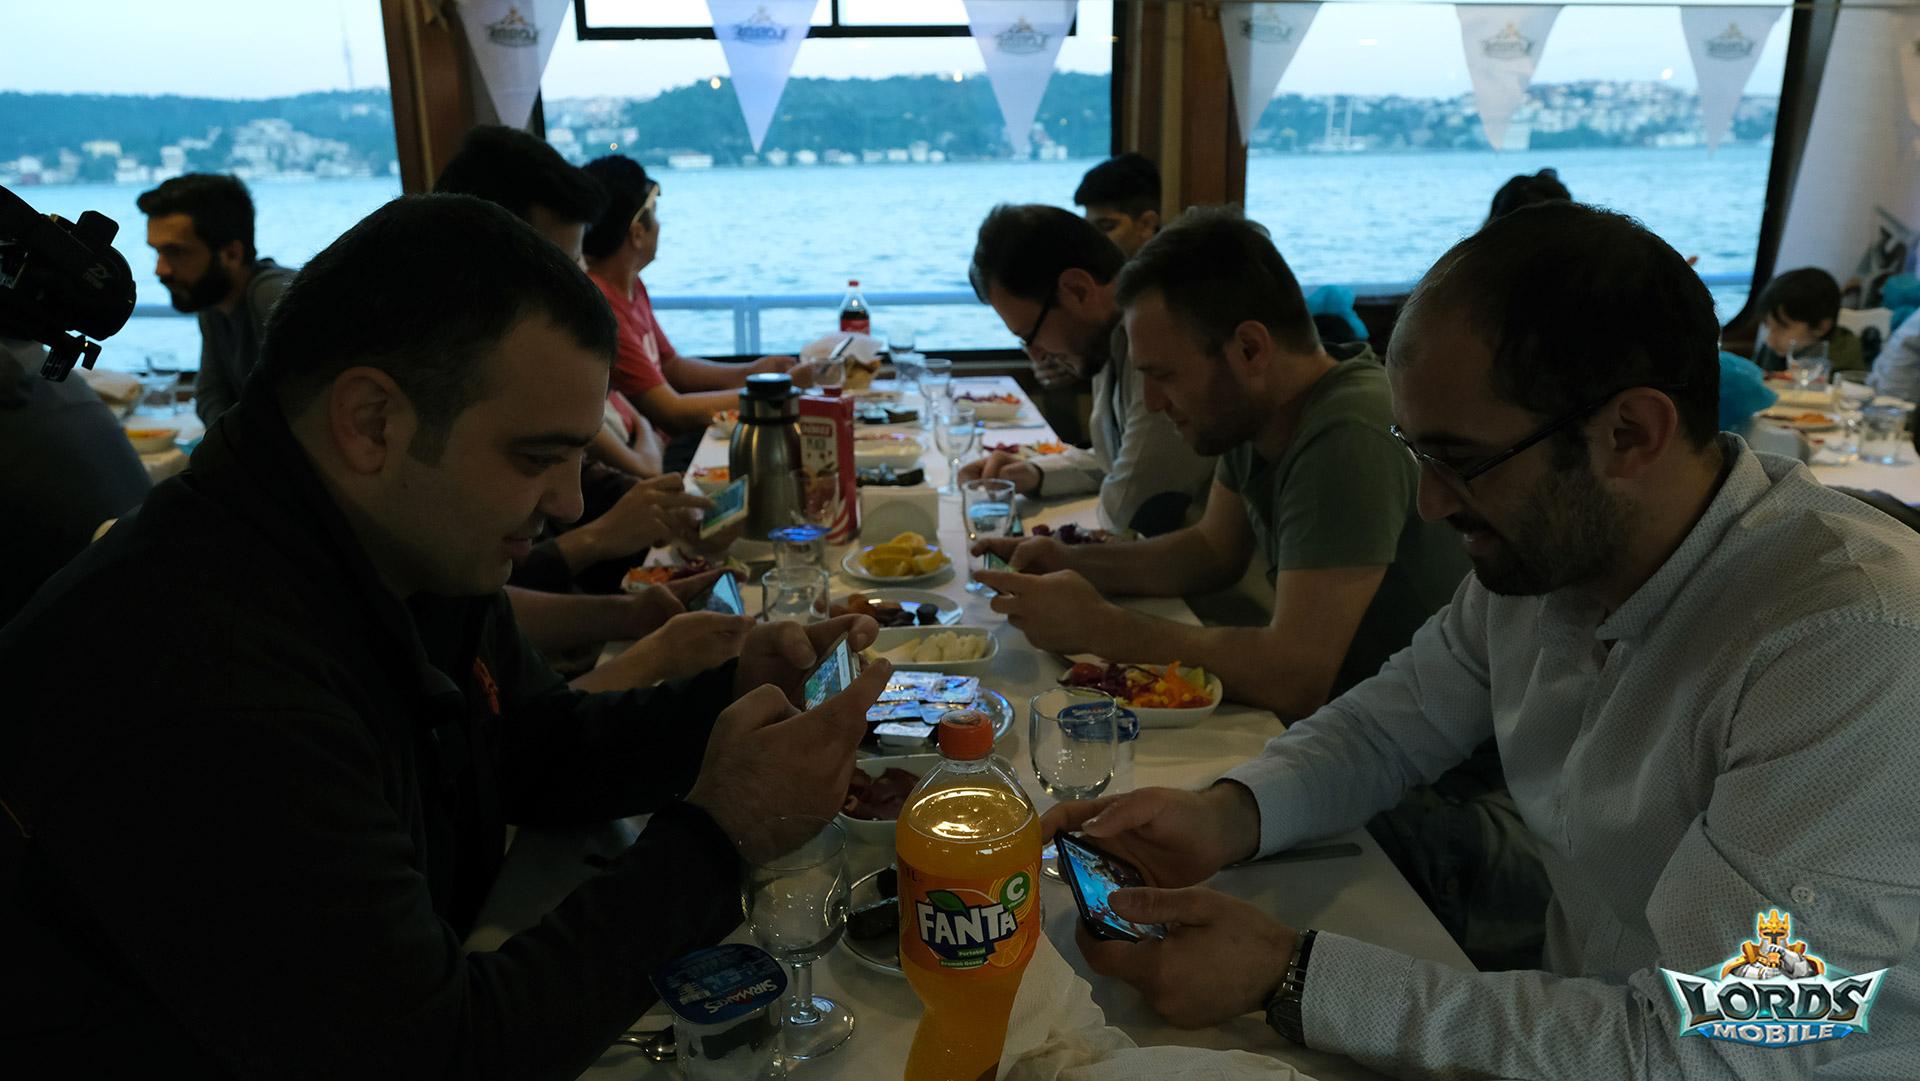 Lords Mobile Oyuncularıyla Yemekte Bir Araya Geldi